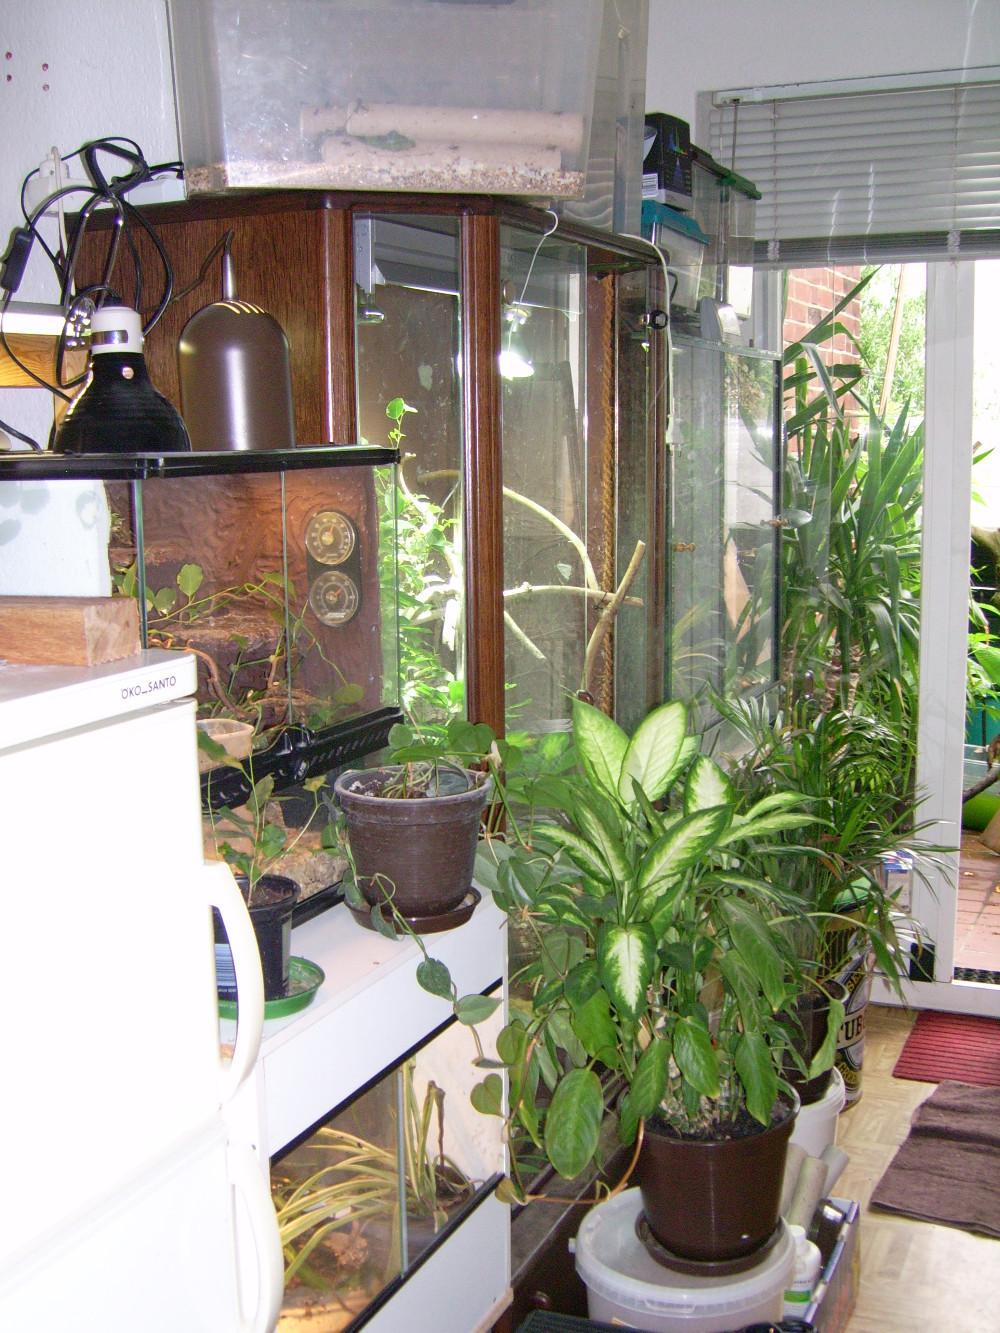 pflanzen f r terrarien aus eigenem anbau kologisch ohne gift 853898. Black Bedroom Furniture Sets. Home Design Ideas